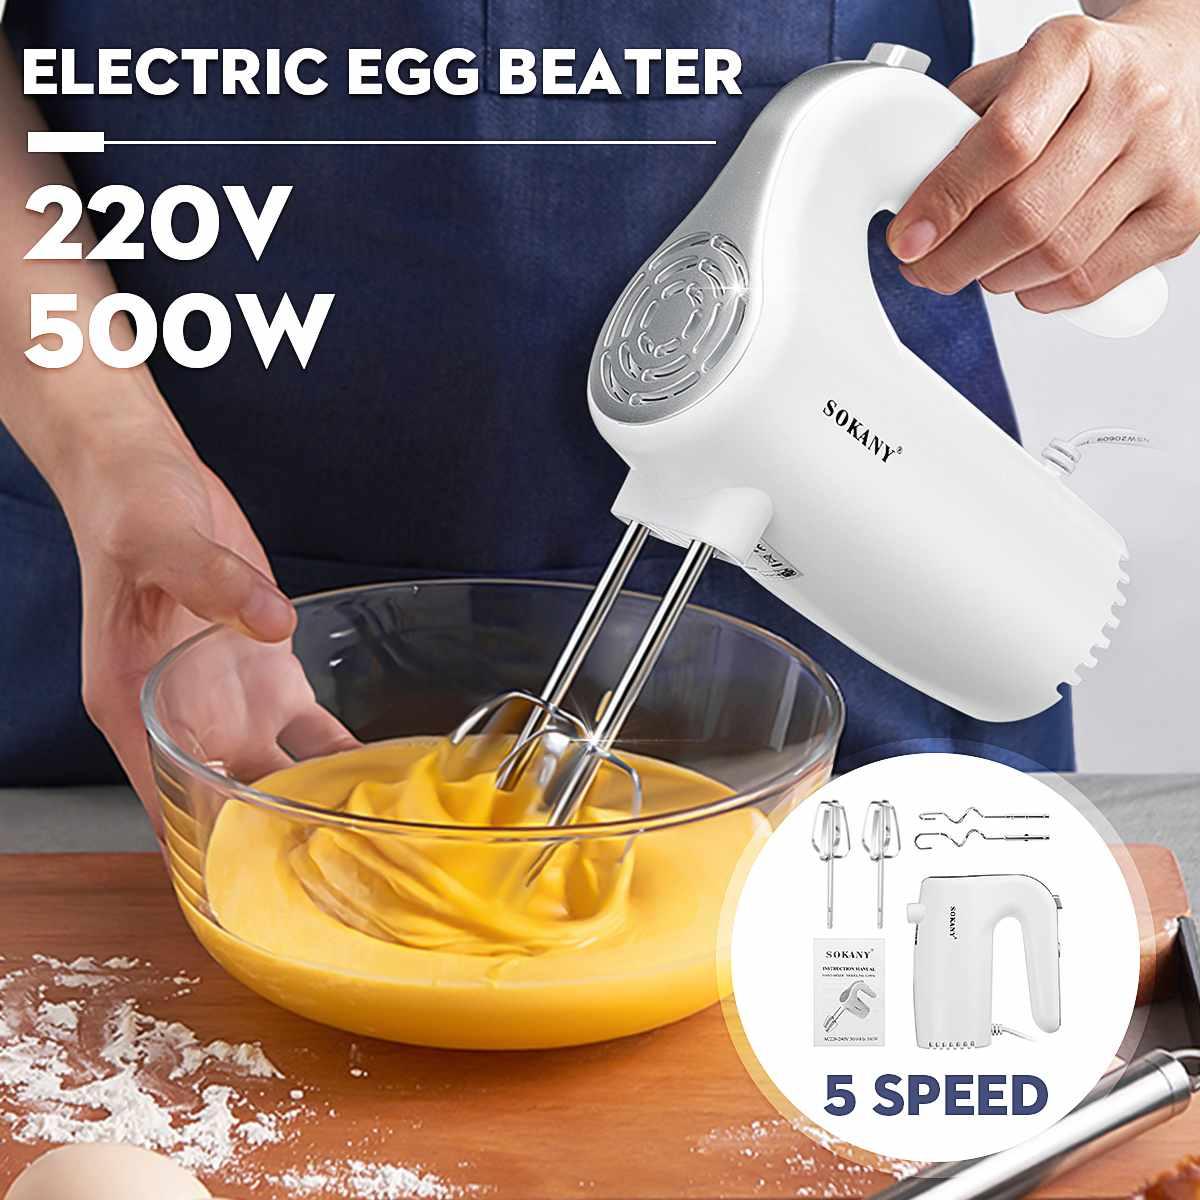 Velocidad de 5 500W de mano eléctrico mezclador batidor para huevos hornear Inicio de mano pequeño Mini crema licuadoras